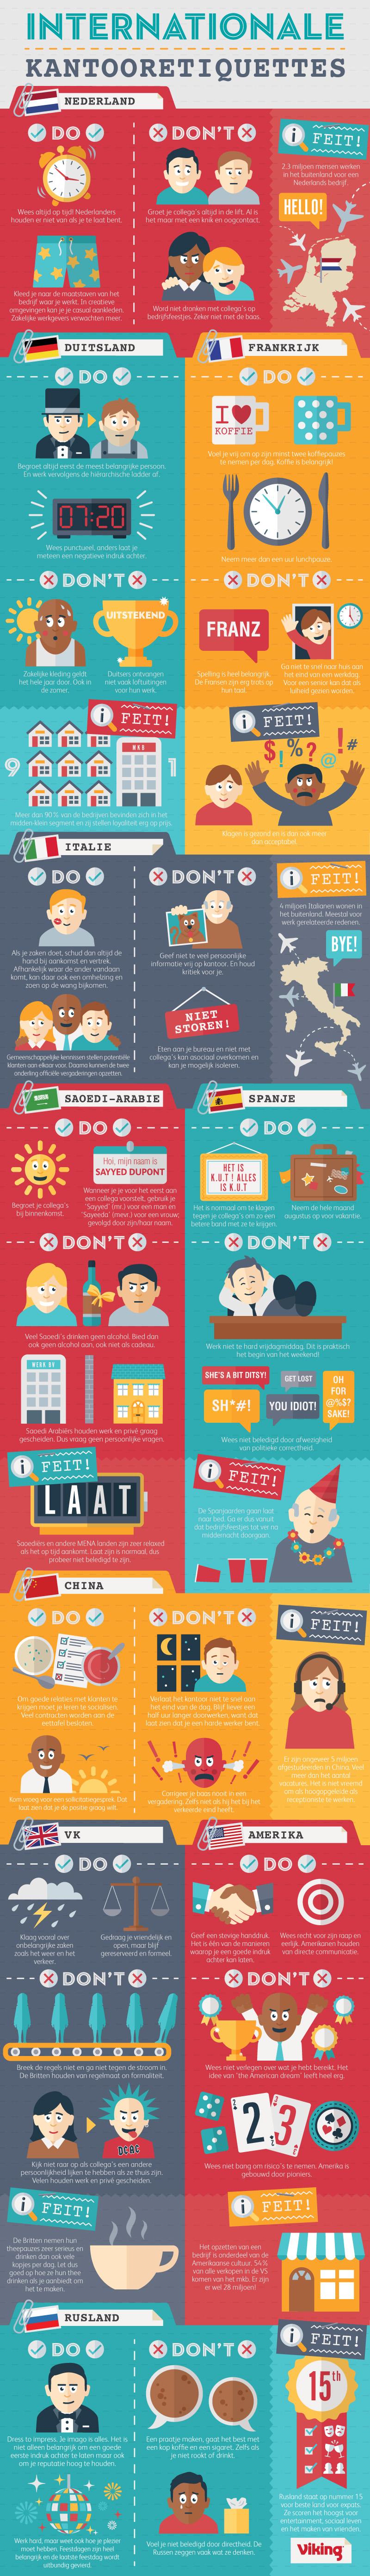 Zakendoen in het buitenland | Infographic cultuurverschillen op kantoor